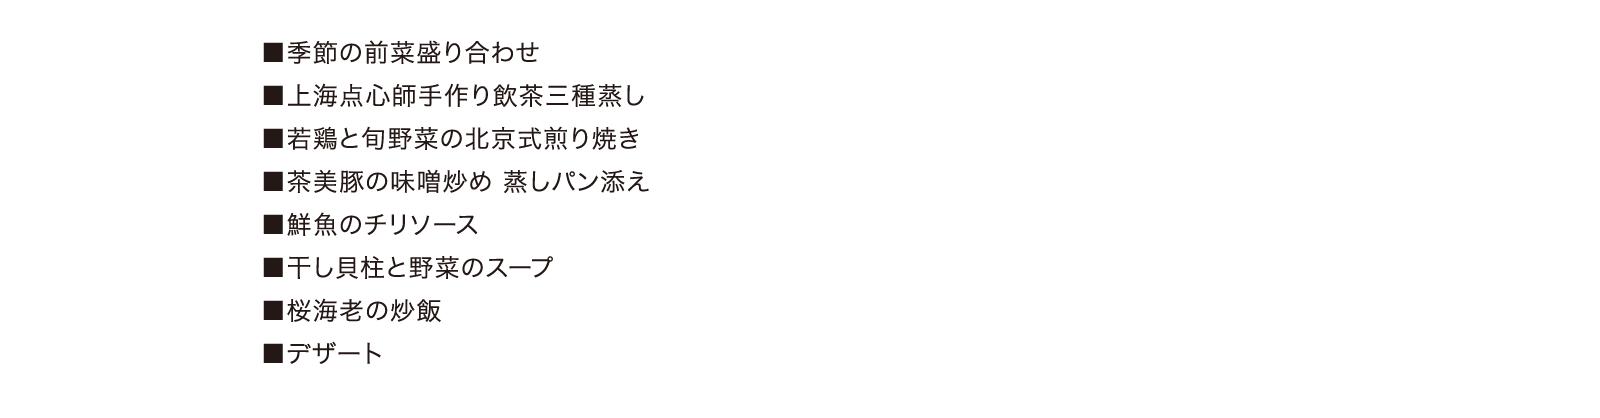 さざんかコース/コース内容